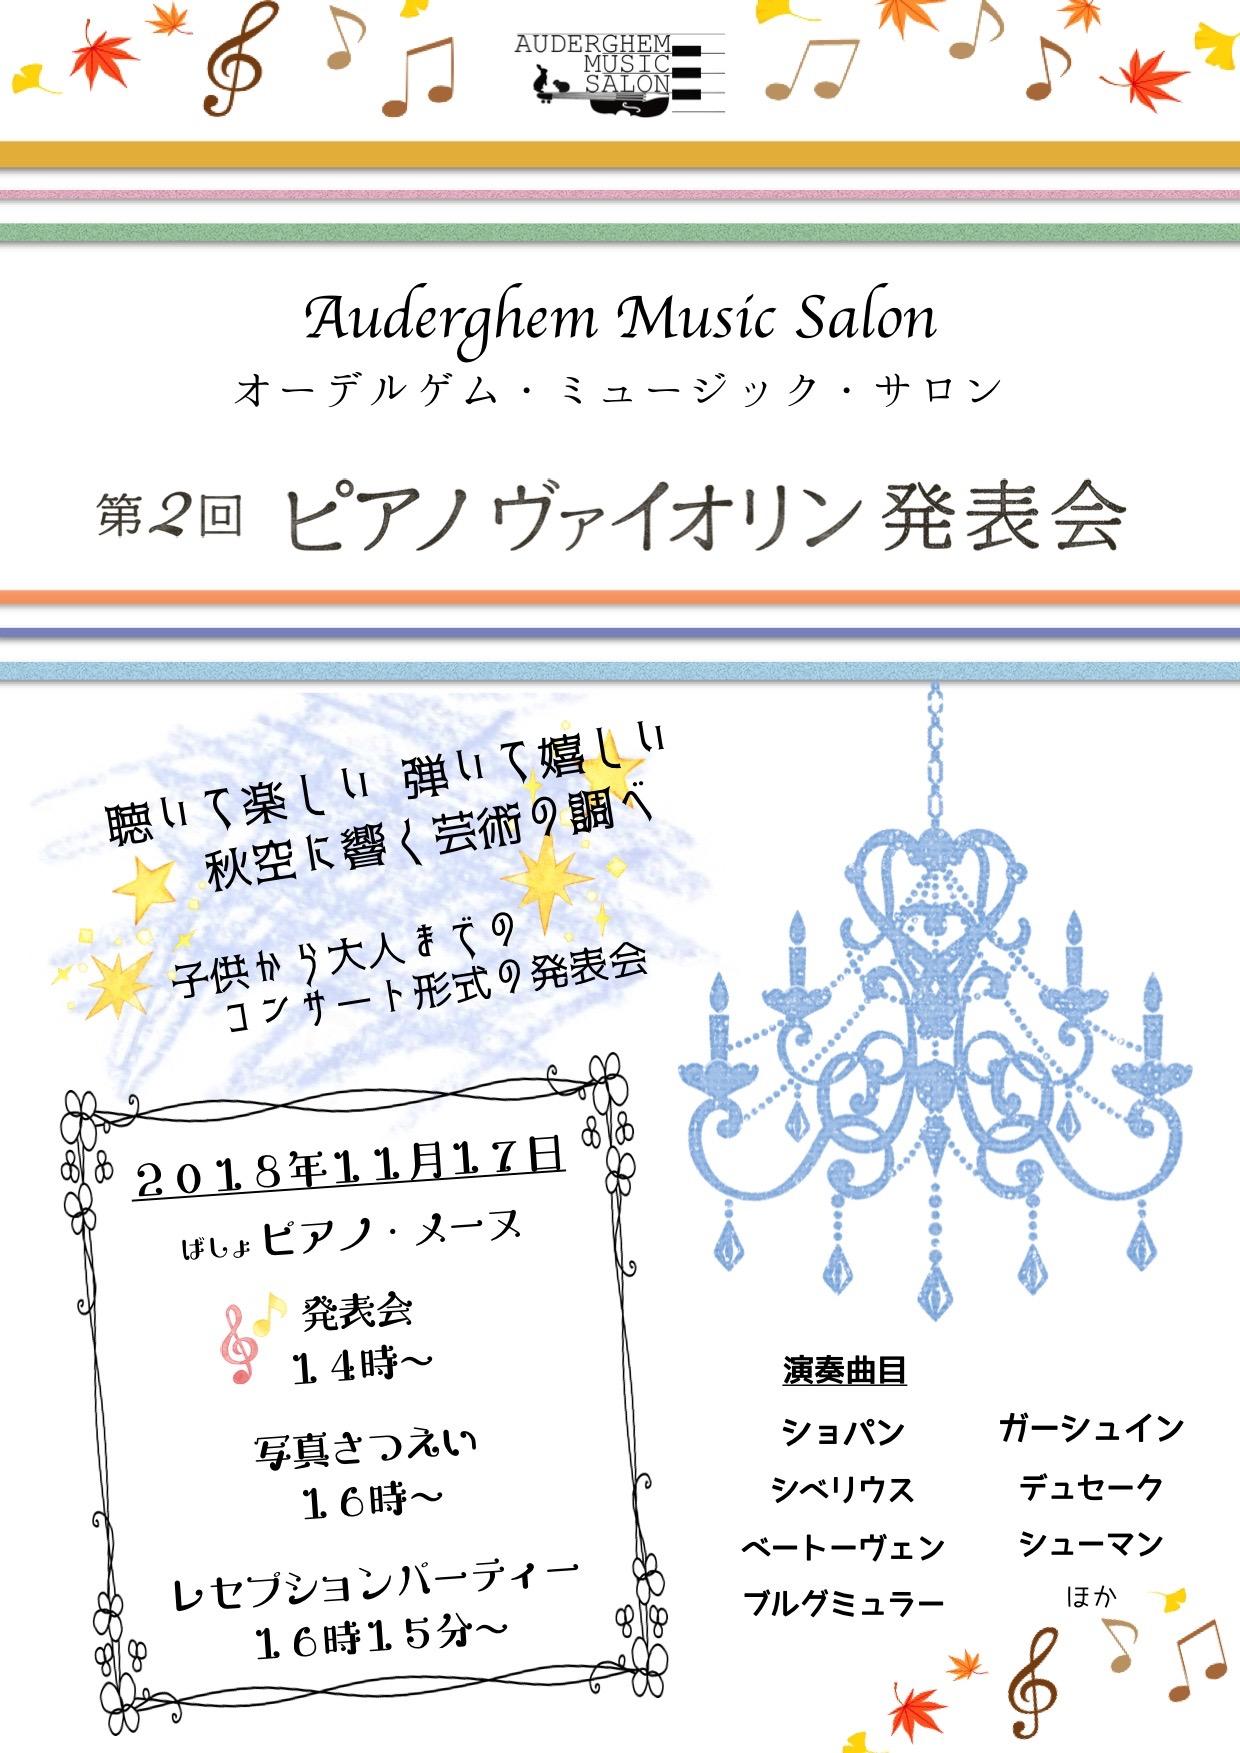 第2回ピアノ・ヴァイオリン発表会